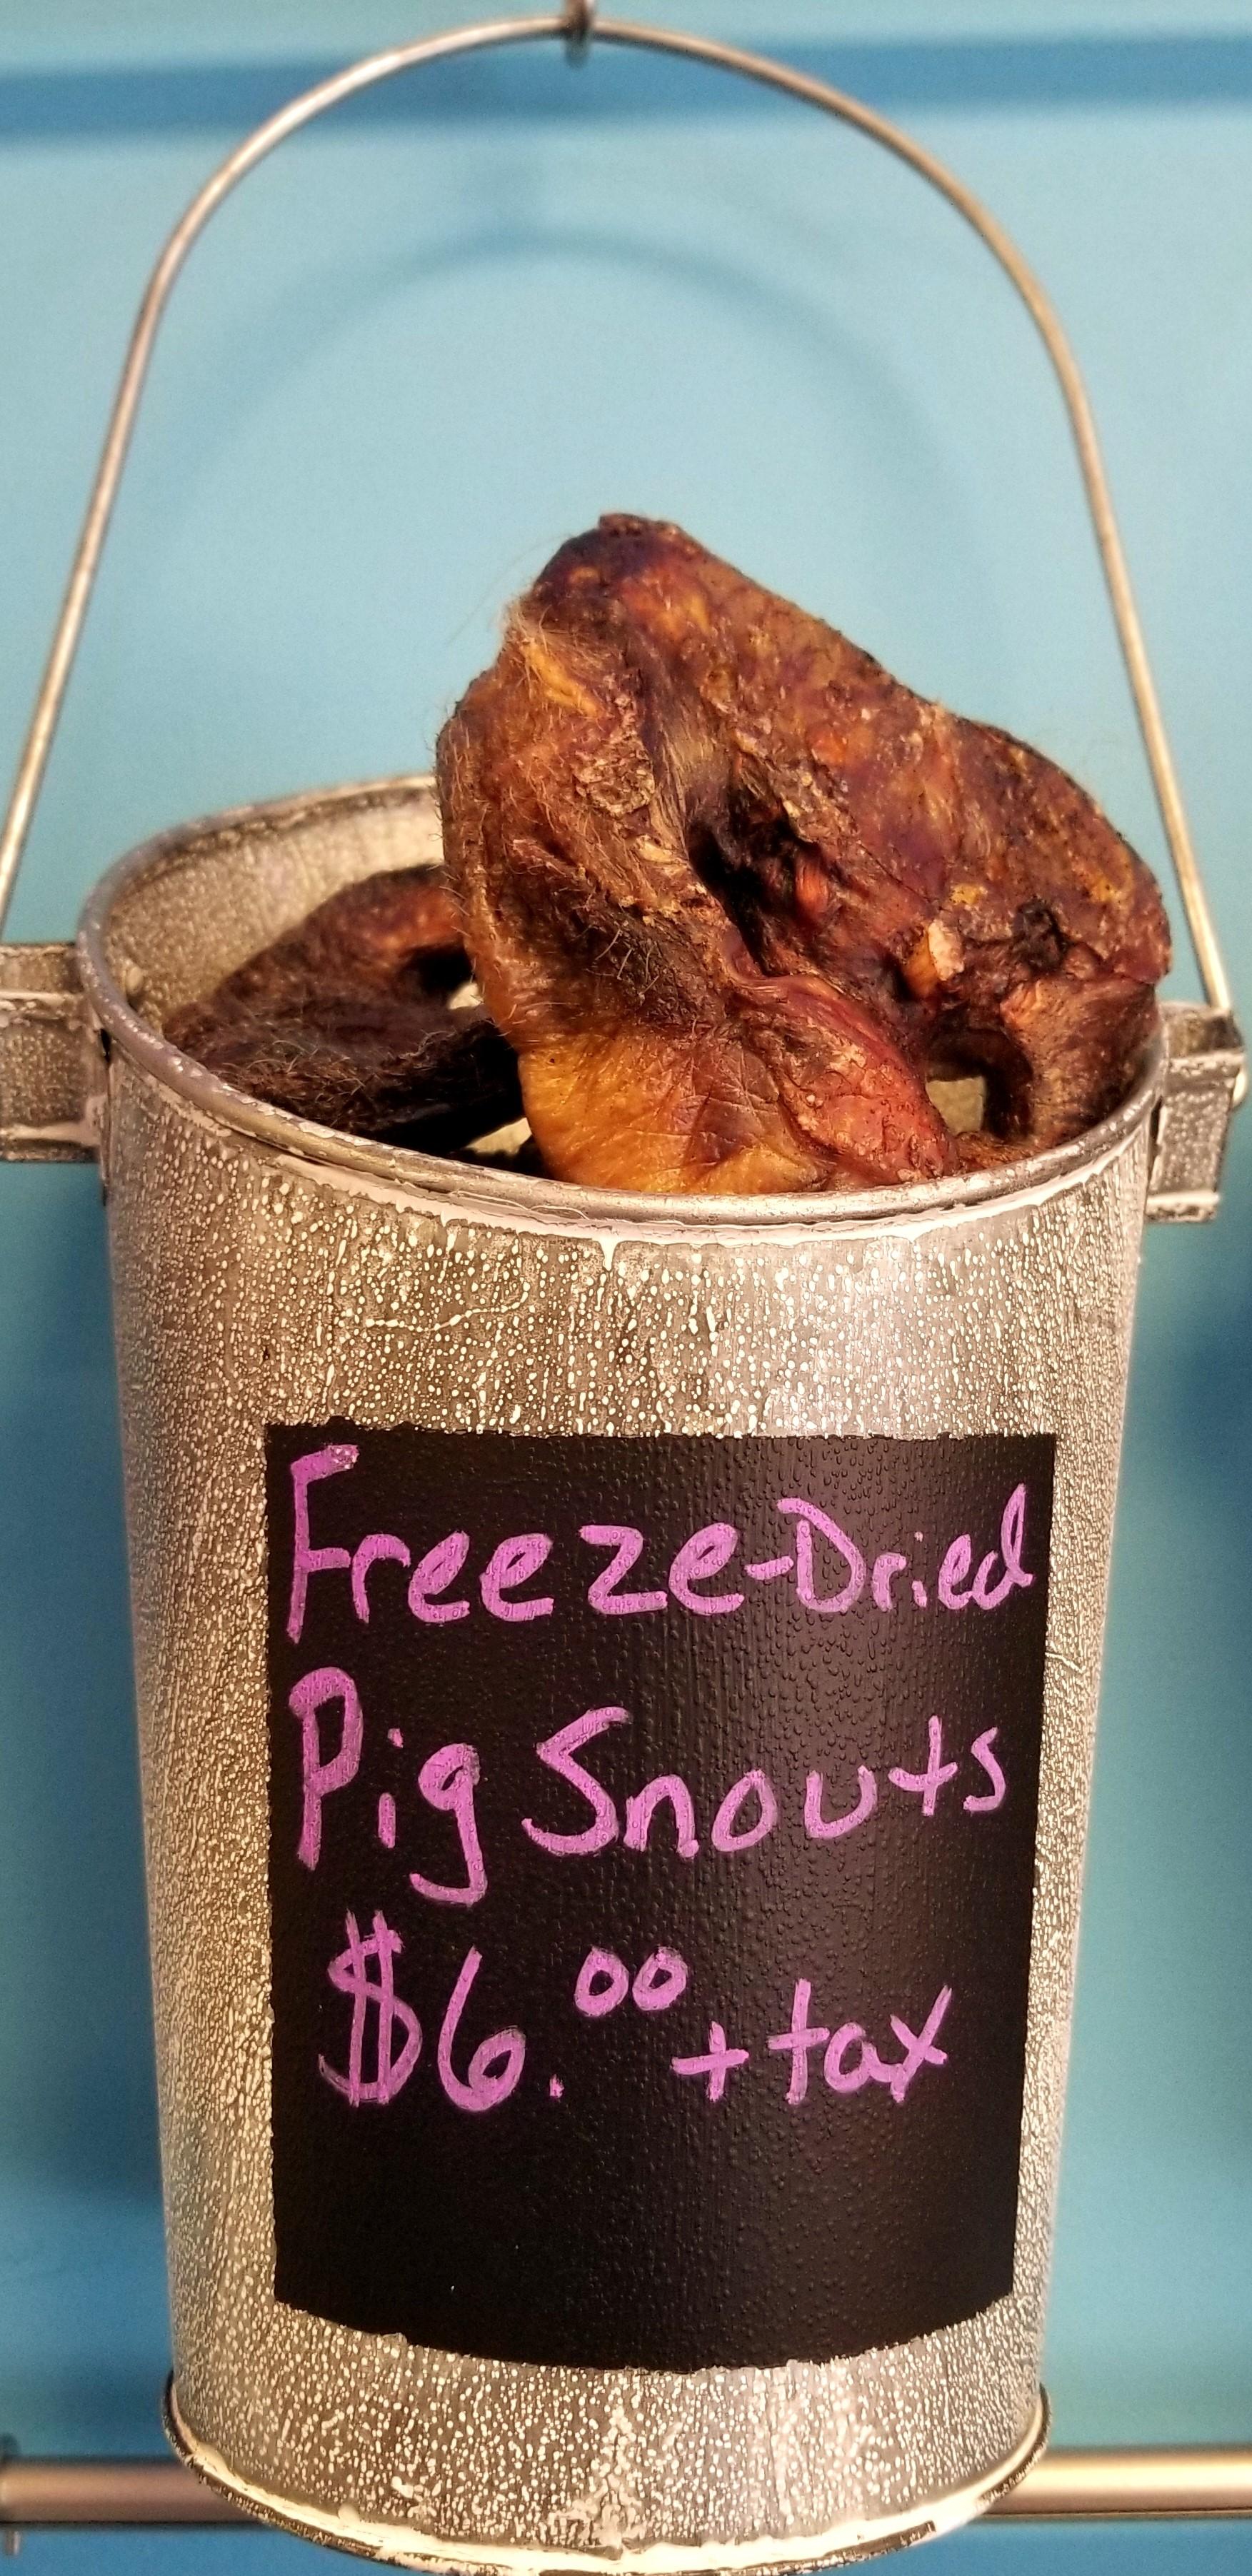 Vital Essentials Pig Snouts